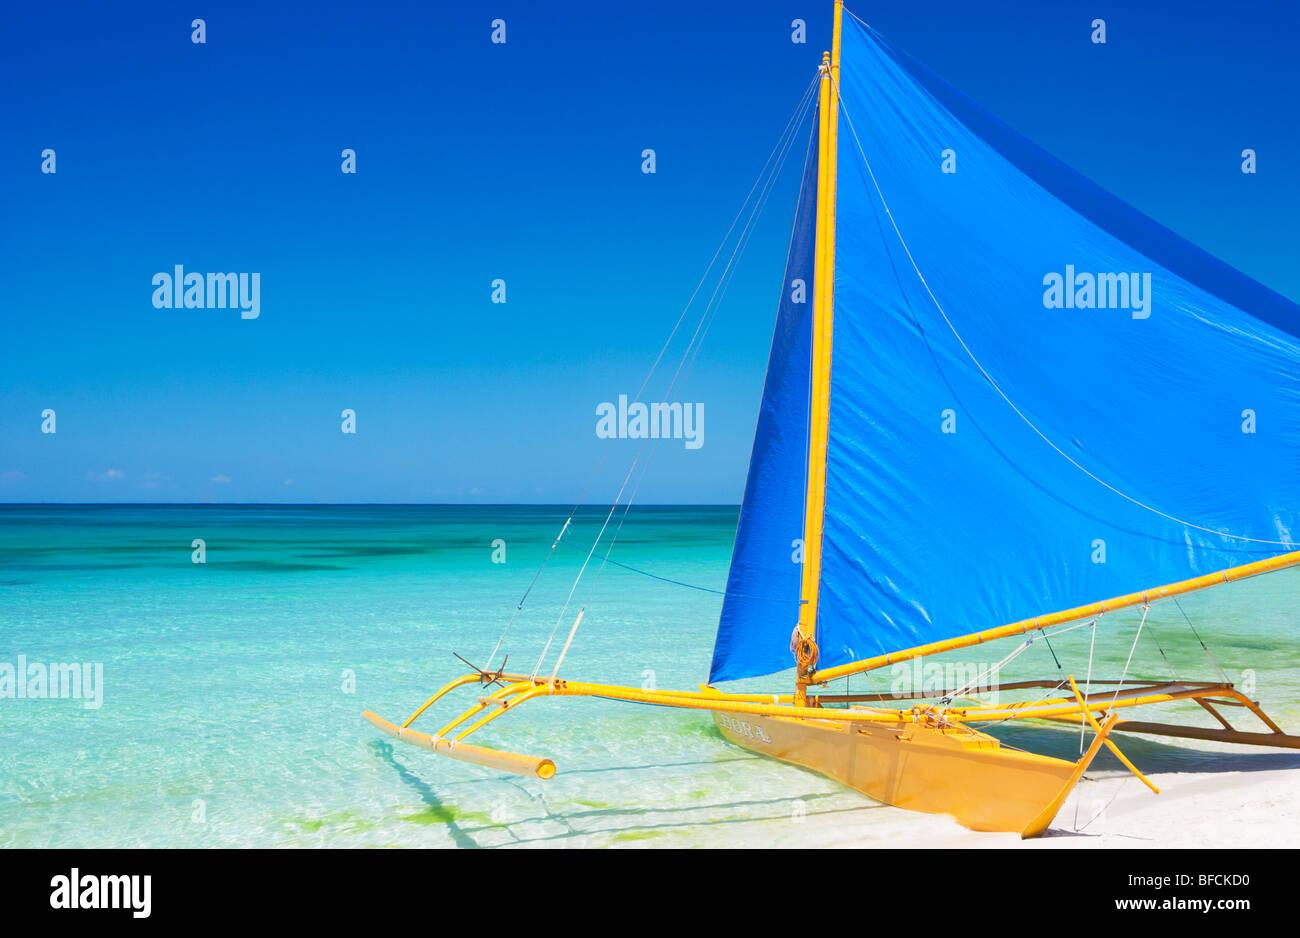 Bateau à voile jaune bleu dans les eaux peu profondes; La Boracay, Philippines Visayas Photo Stock